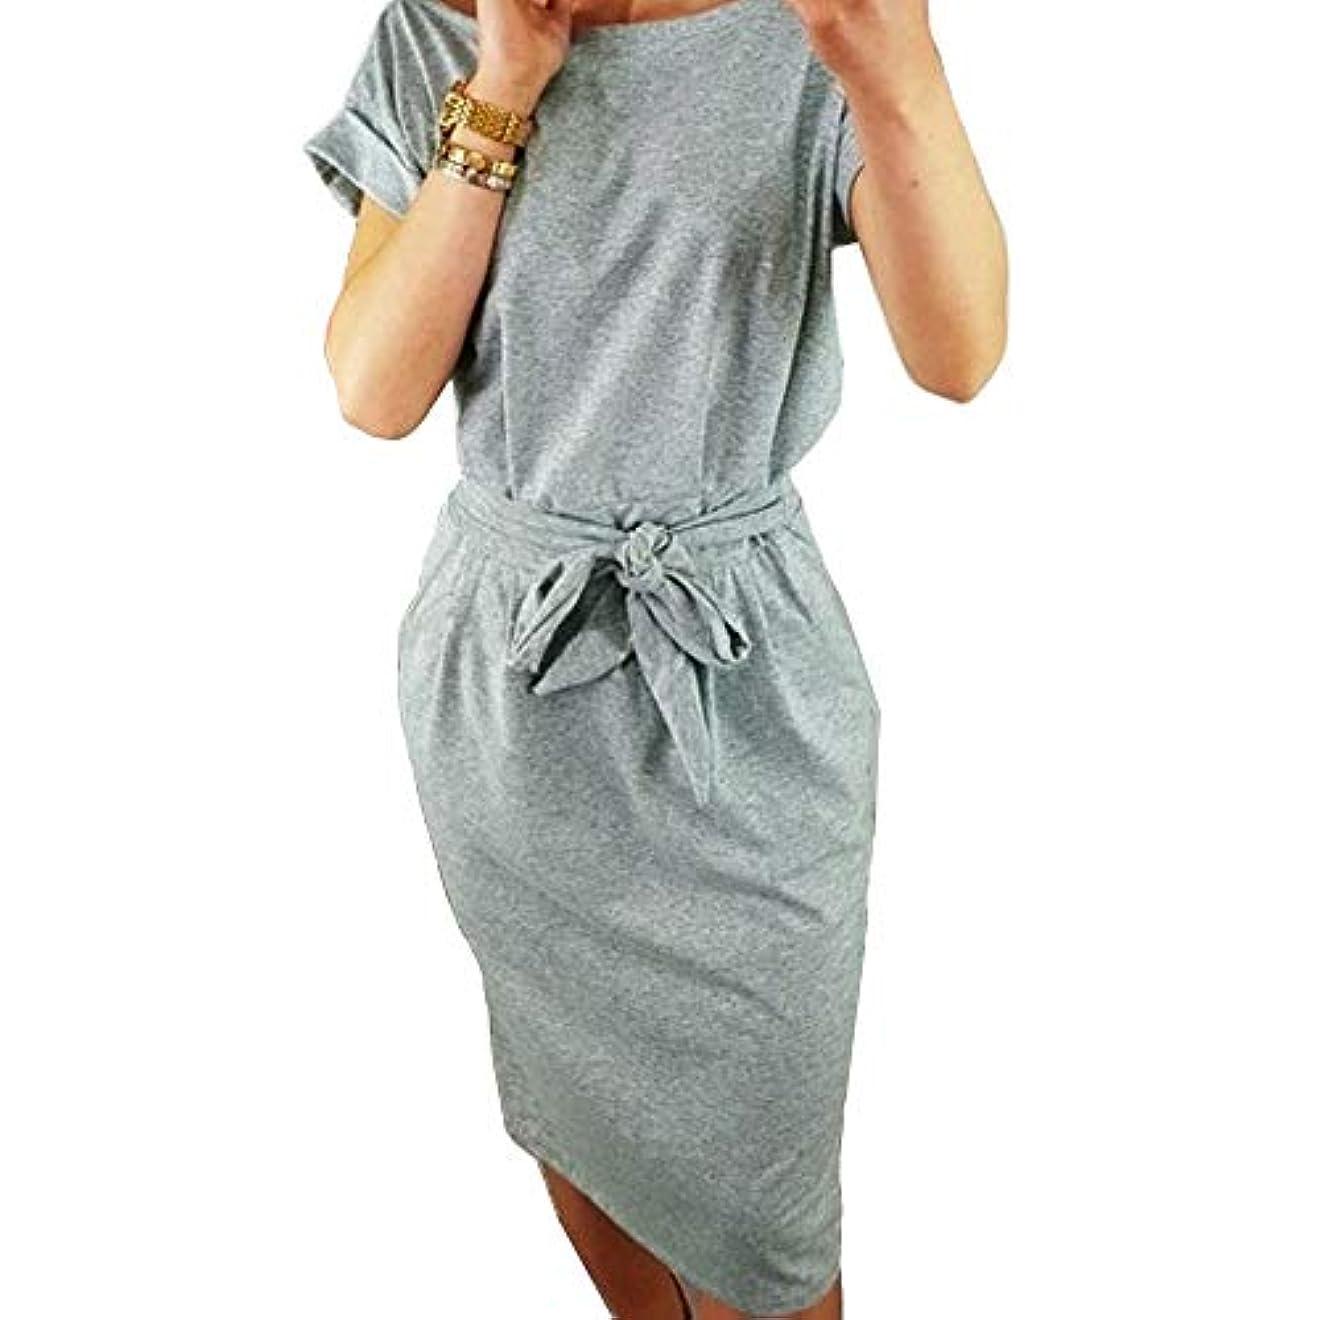 克服する再生切り離すMIFAN女性のドレス、ポケットドレス、パーティードレス、セクシーなドレス、サマードレス、oネック、ルースドレス